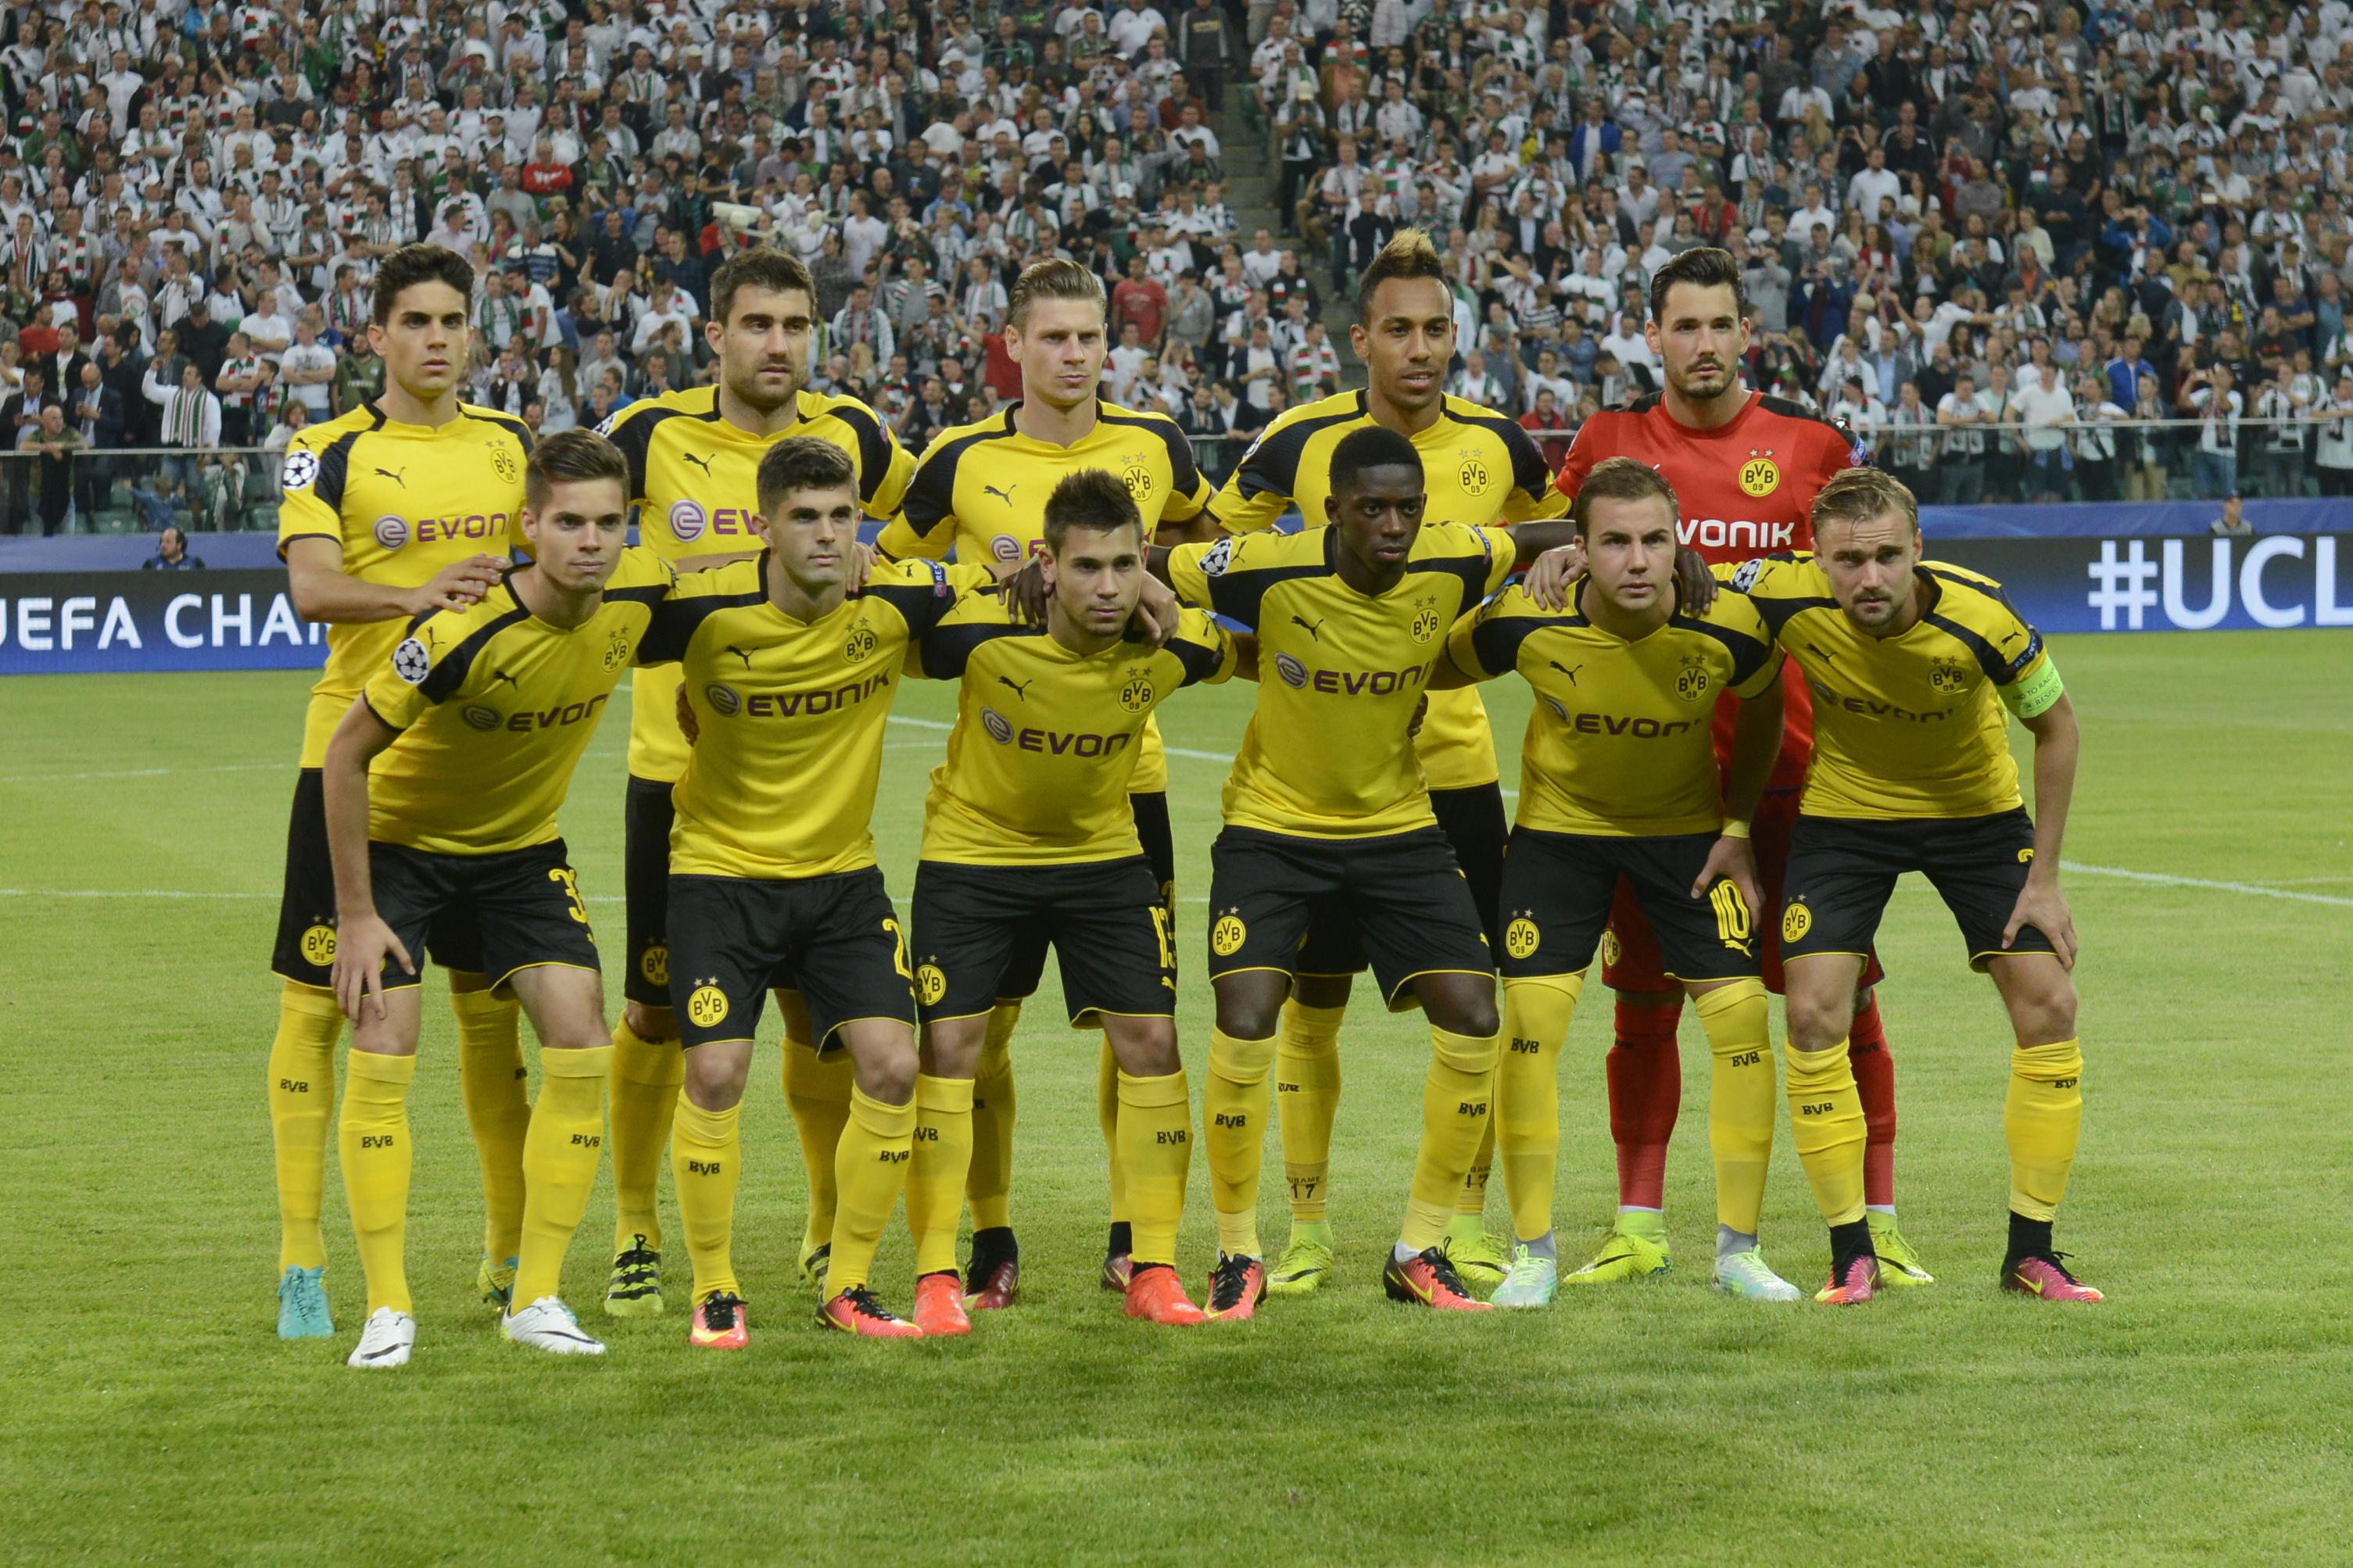 Legia Warszawa v Borussia Dortmund - UEFA Champions League